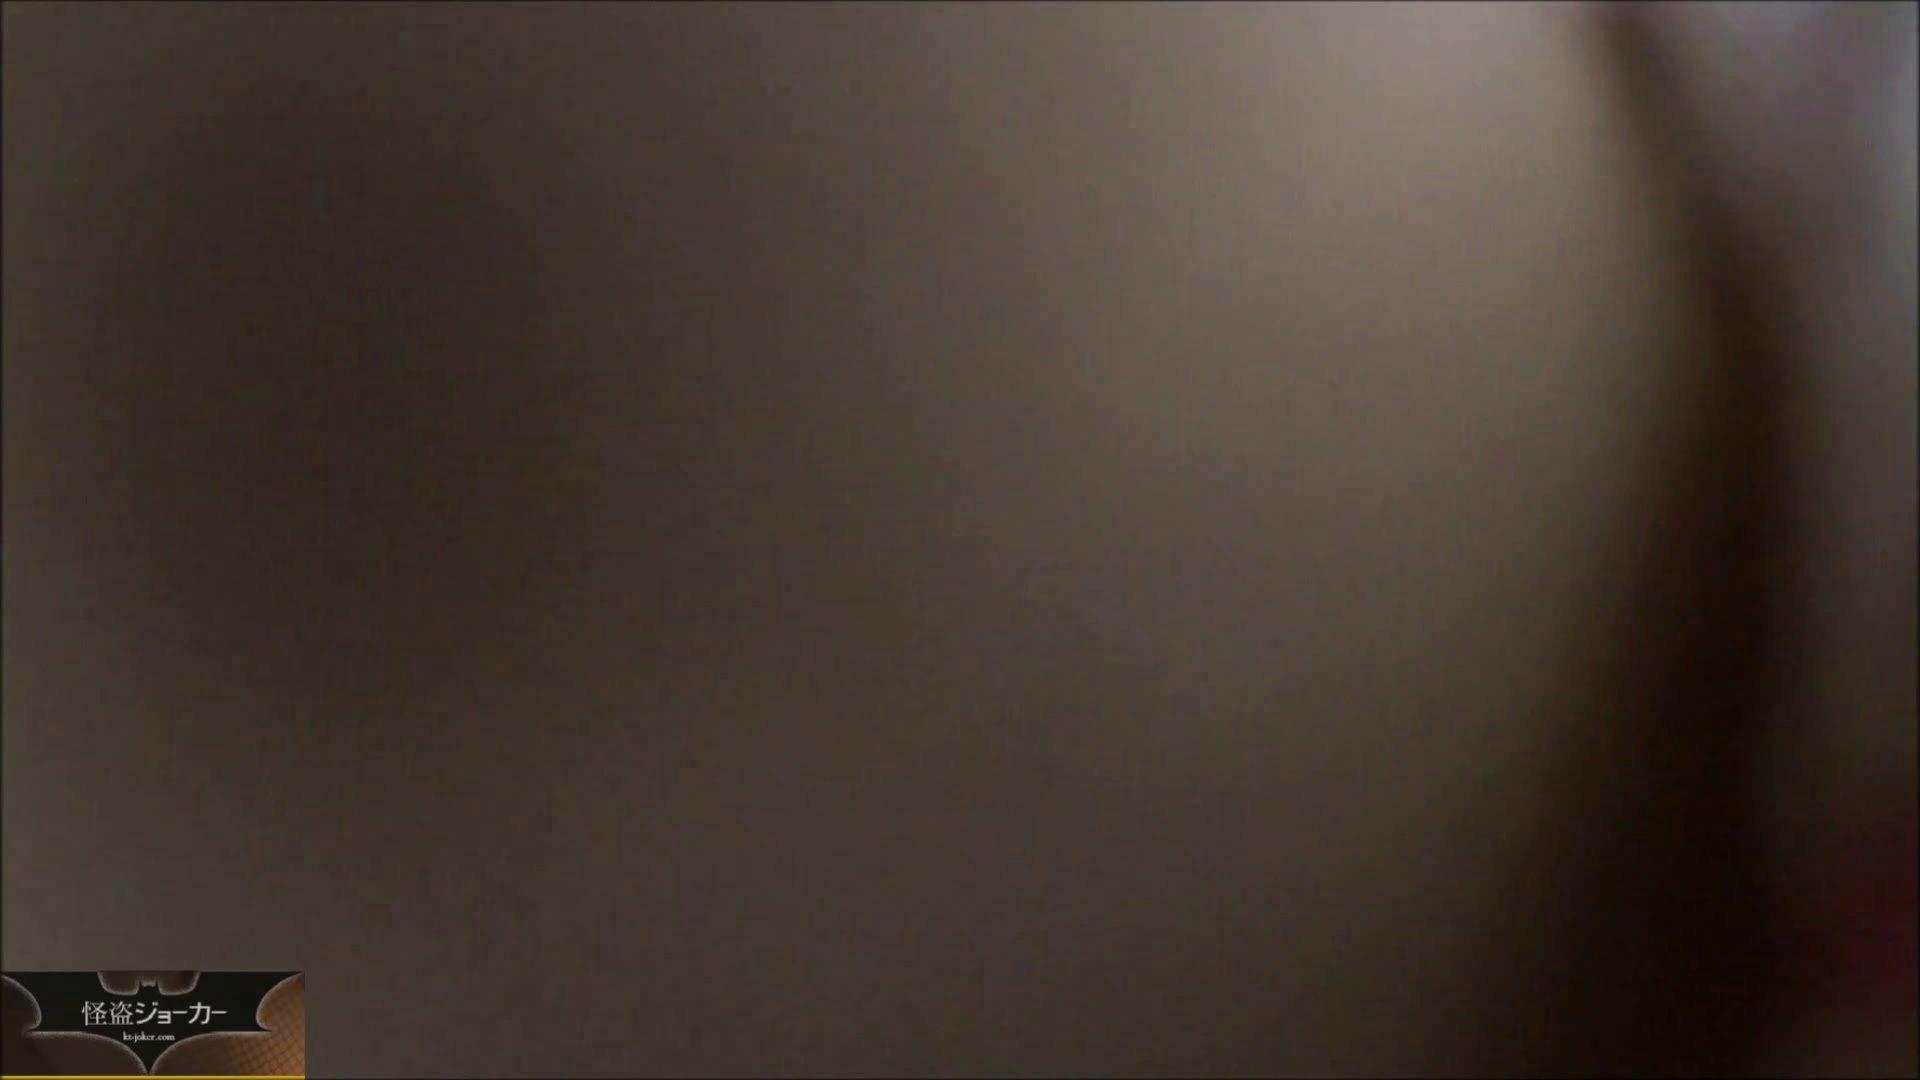 【未公開】vol.23 ユリナ、寝取られのアト。 高画質 おめこ無修正画像 108枚 83